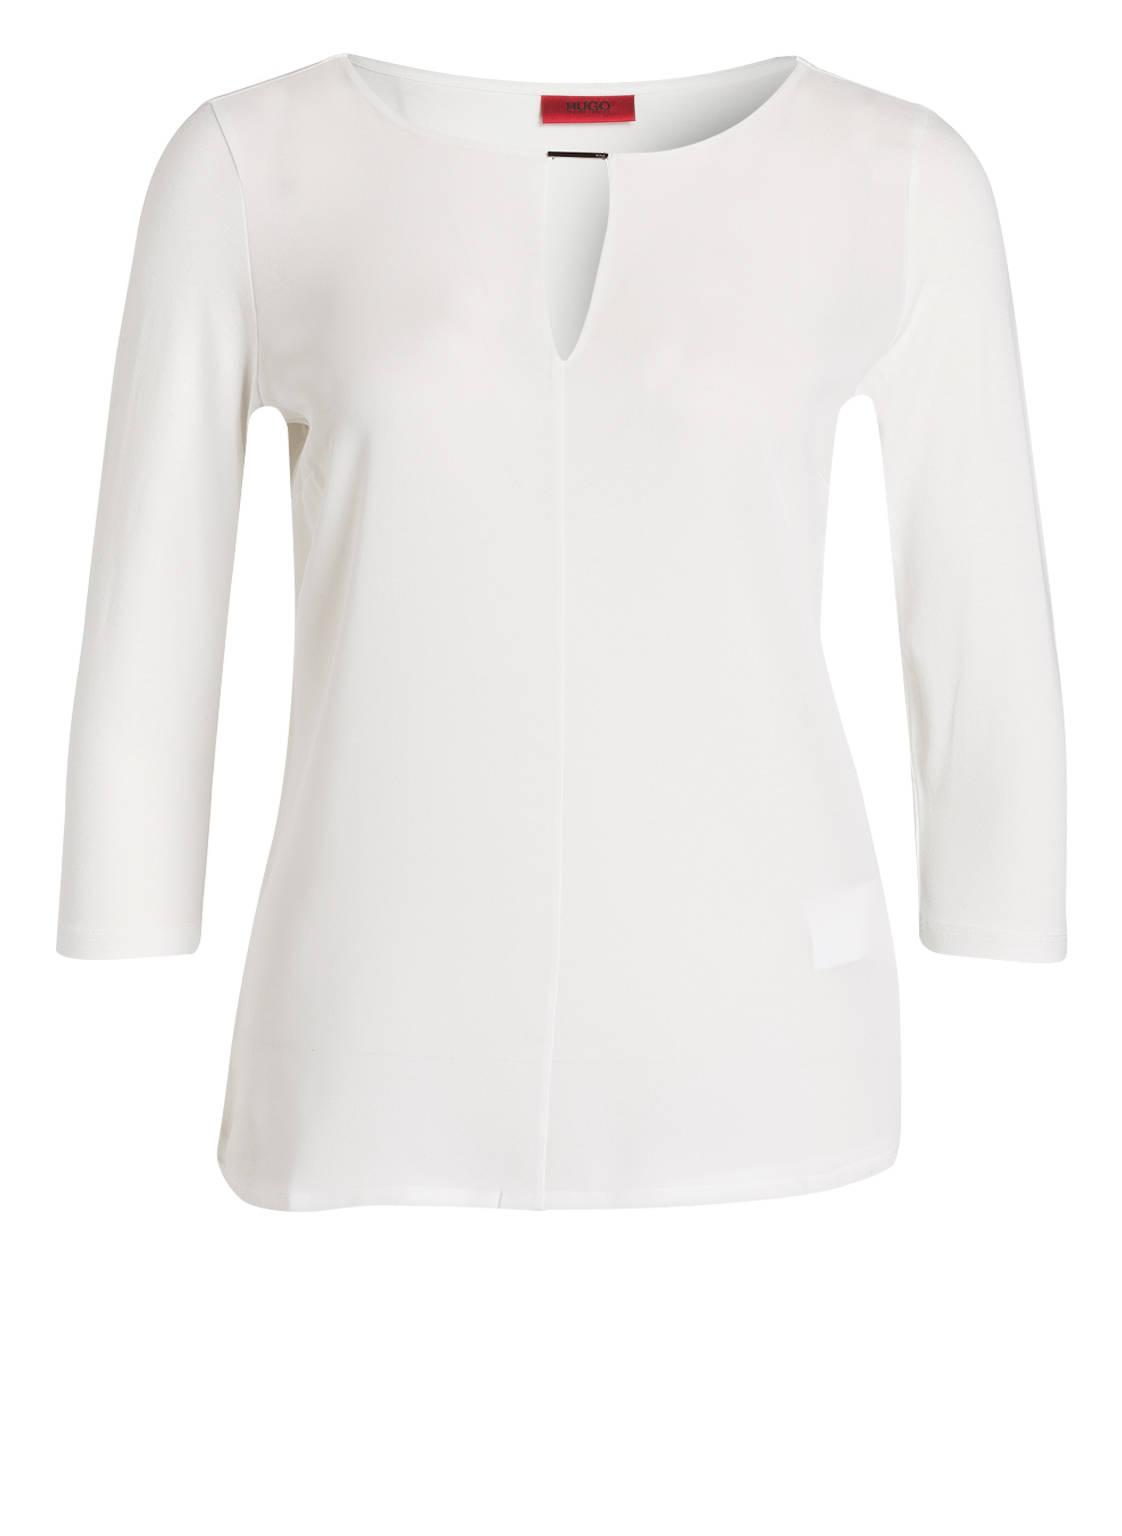 Artikel klicken und genauer betrachten! - Das Shirt DIFELA von HUGO begeistert mit puristischer Eleganz. Das Modell mit Stretch-Anteil sorgt für Leichtigkeit und höchsten Tragekomfort. Die V-förmige Aussparung am Rundhalsausschnitt setzt feine Akzente. Ein Styling-Partner für stilvolle Looks! Details: Taillierter Schnitt. Rundhalsausschnitt. 3/4-Ärmel. Maße bei Größe S: Rückenlänge ab Schulter: 59 cm Der Artikelversand kostet soweit nicht anders angegeben 3.95 € und der Artikel gehört zur Kategorie: Bekleidung. | im Online Shop kaufen